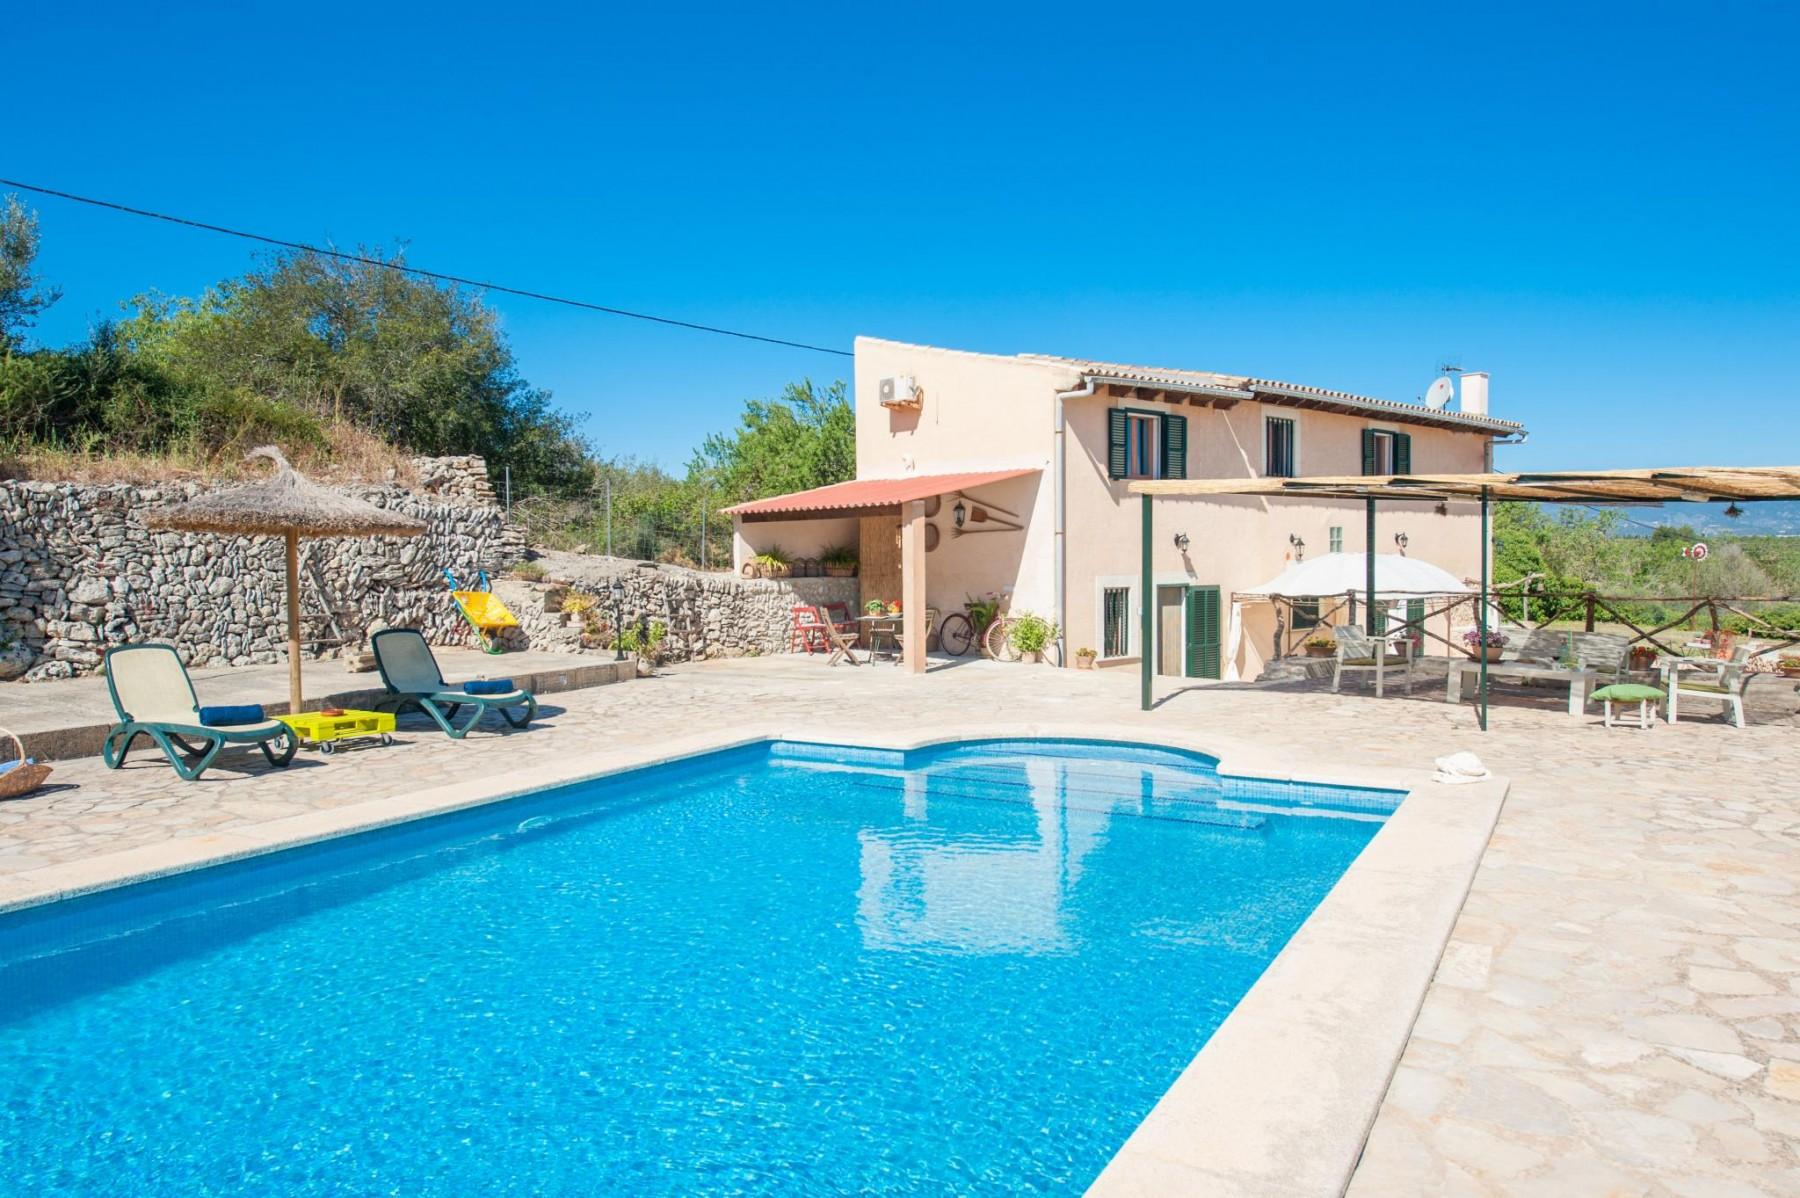 AVELLENER for 6 guests in Sencelles, Spain